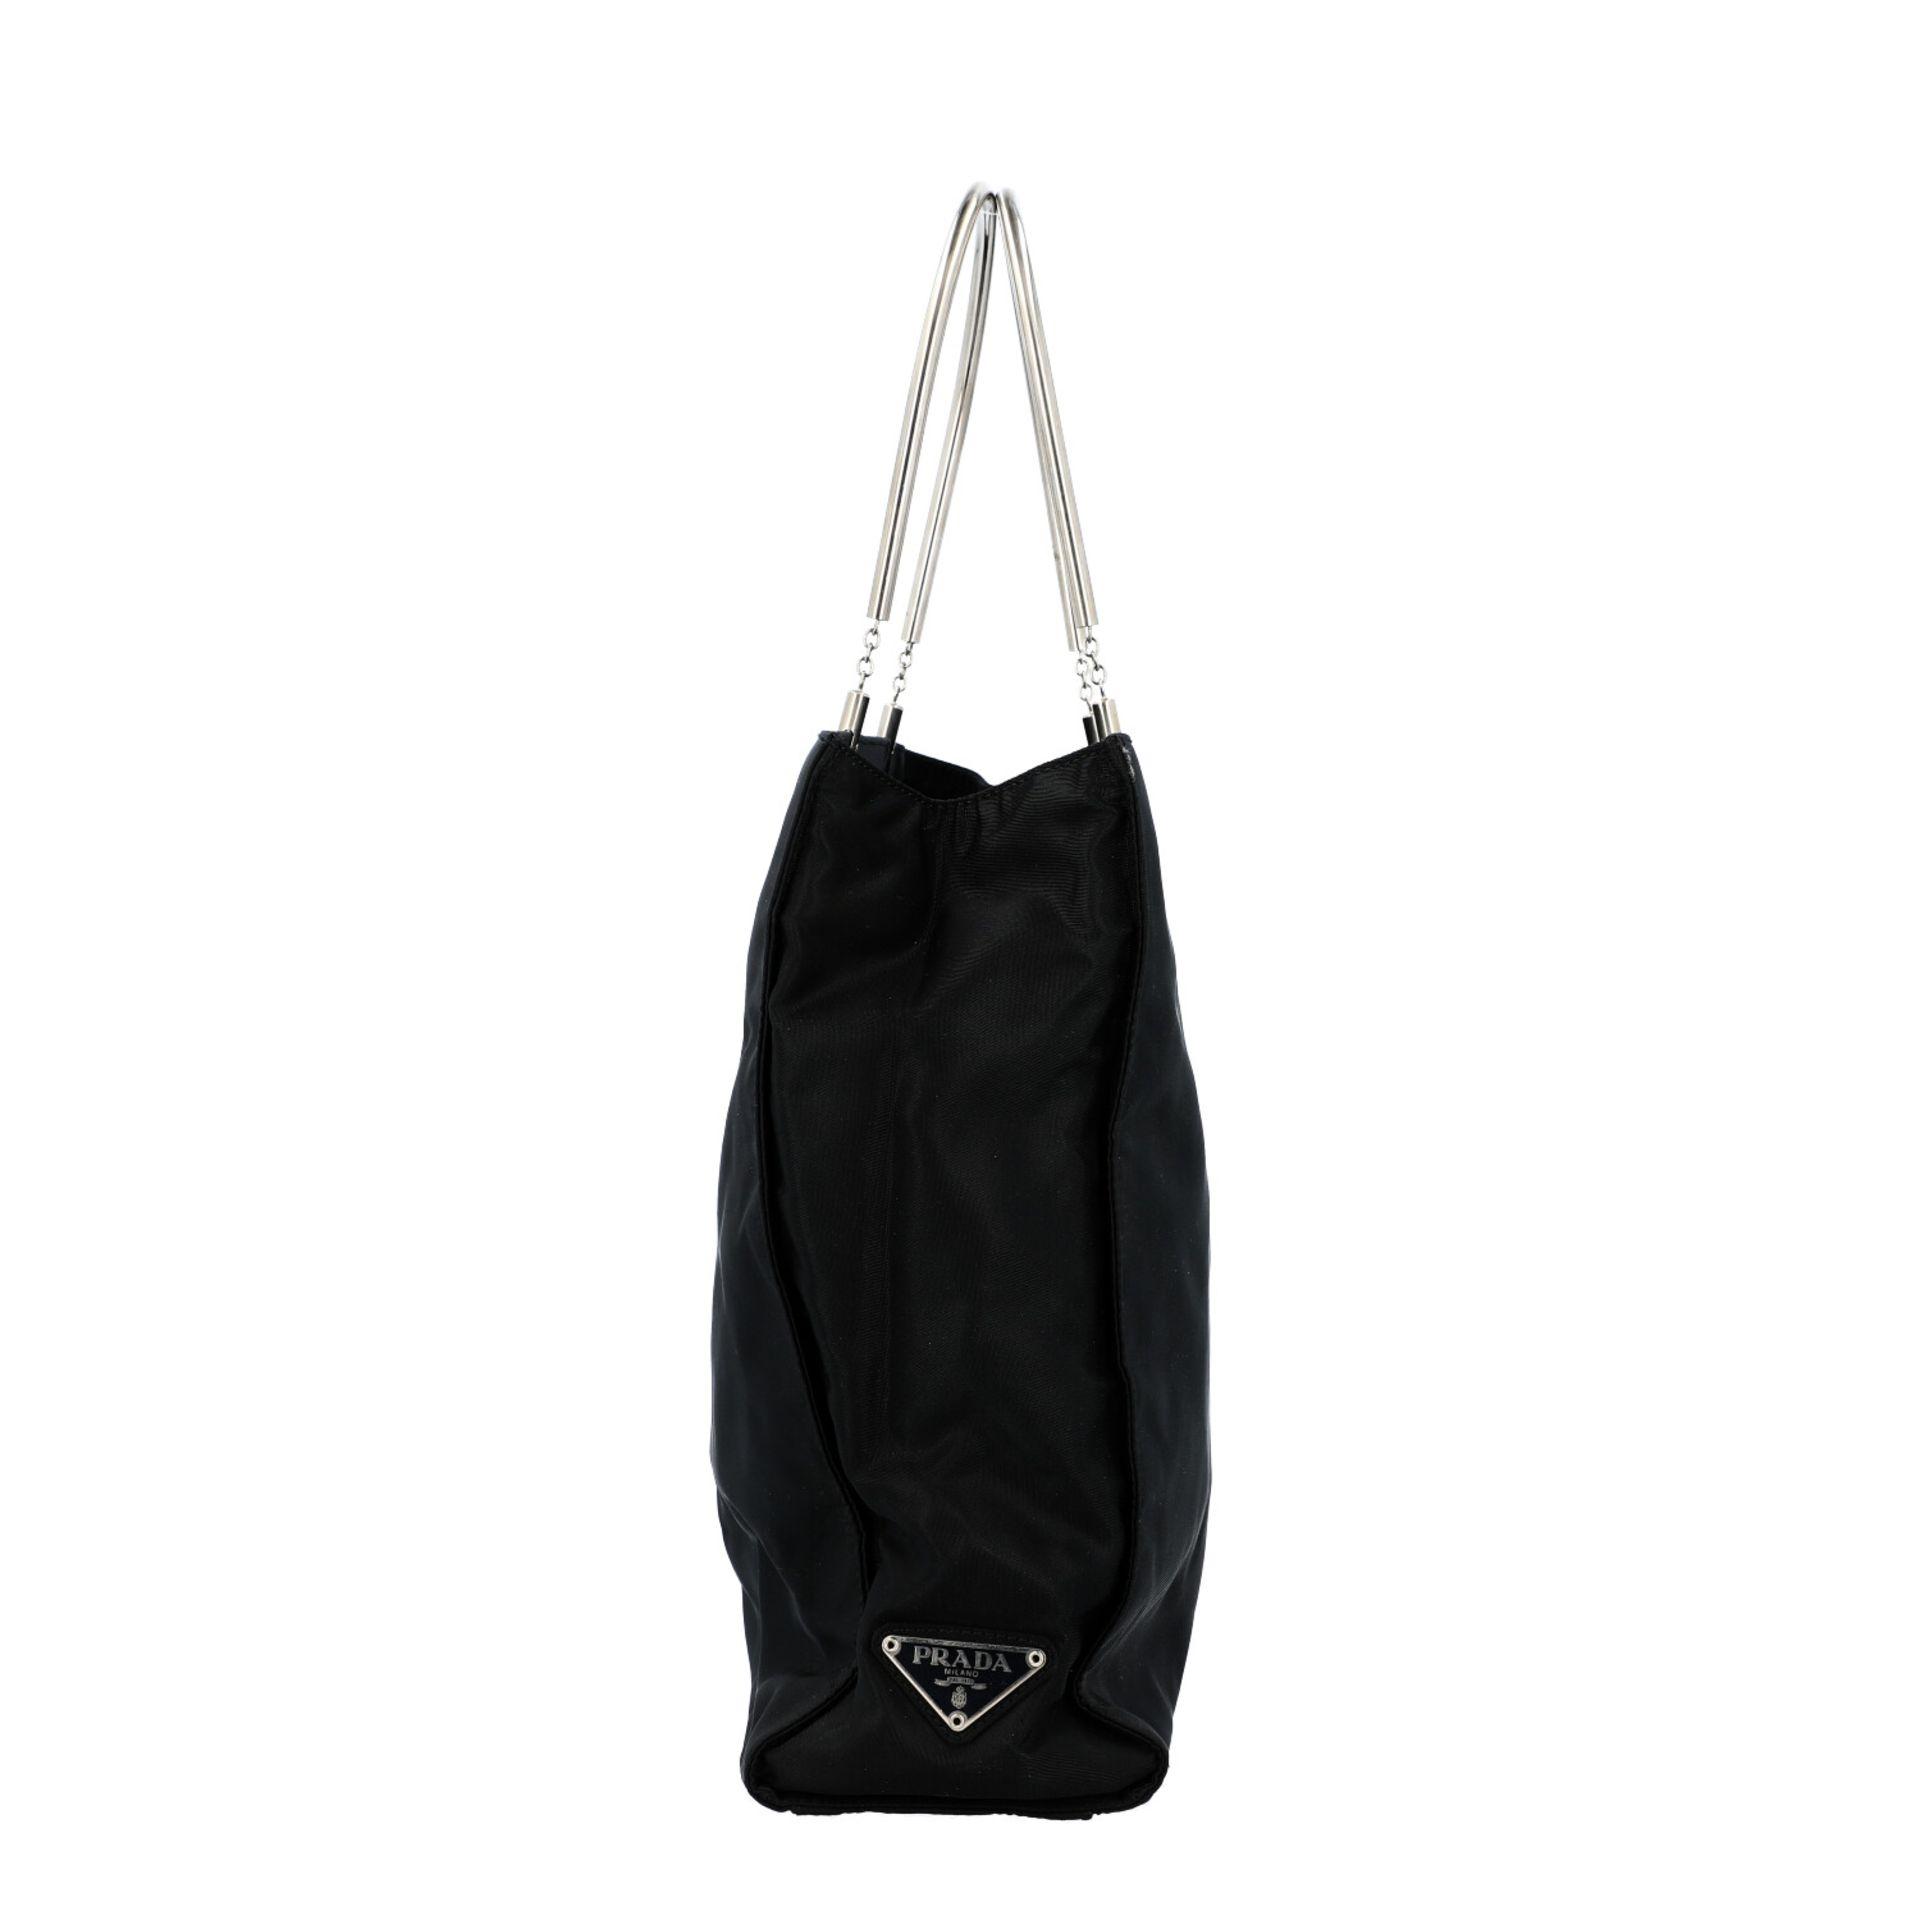 PRADA Henkeltasche. Modell aus schwarzem Nylon mit silberfarbenen Doppelhenkln aus Met - Image 3 of 7